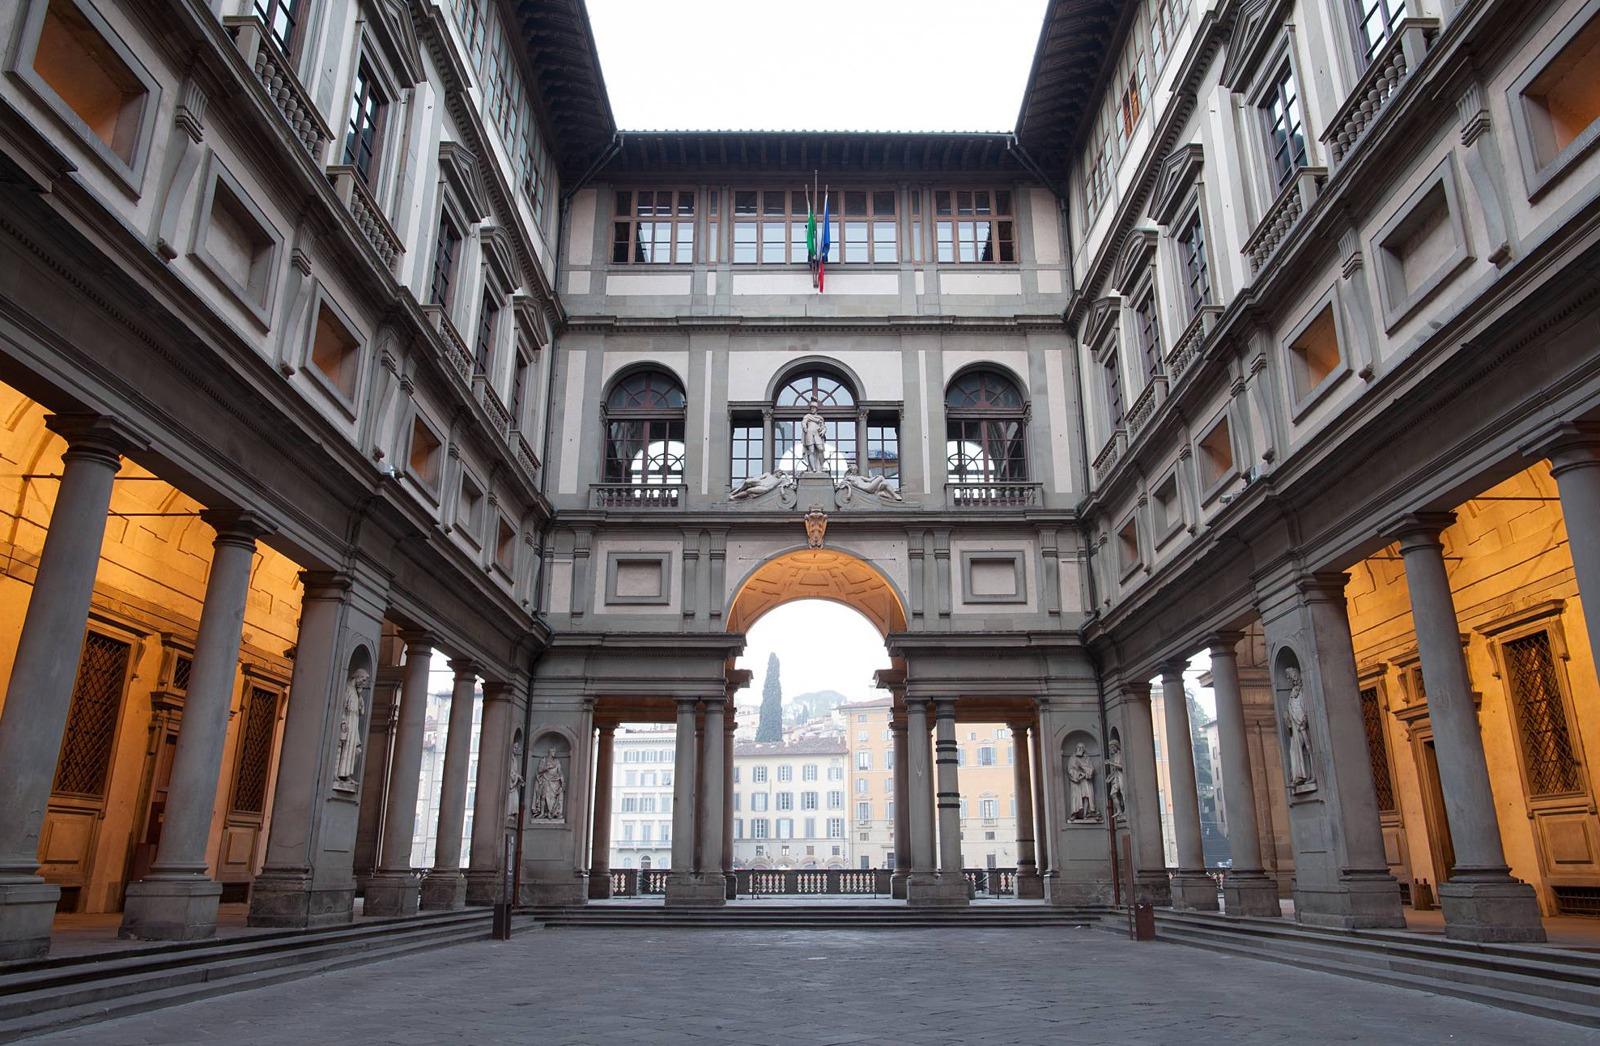 Inside of Uffizi Gallery